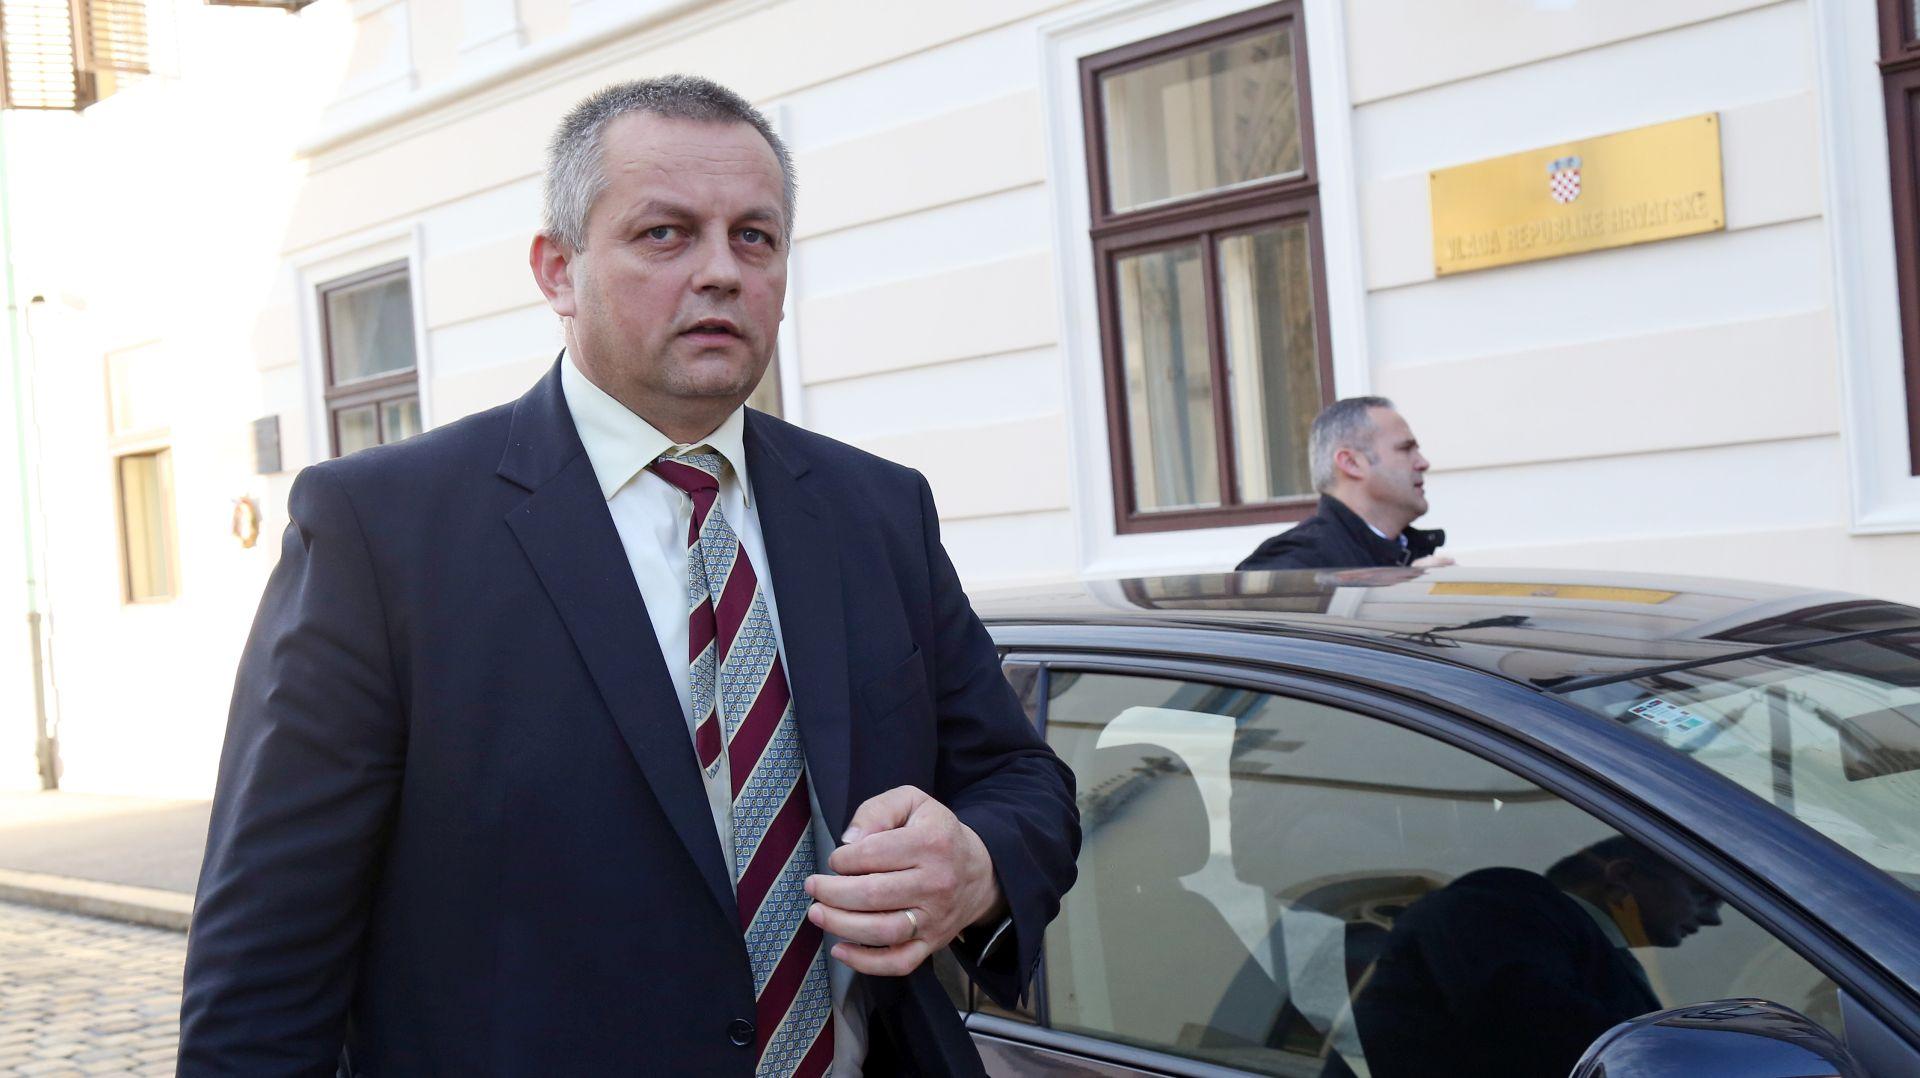 Koalicija Hrvatska raste u Saboru: Pokrenuti pitanje povjerenja Crnoji